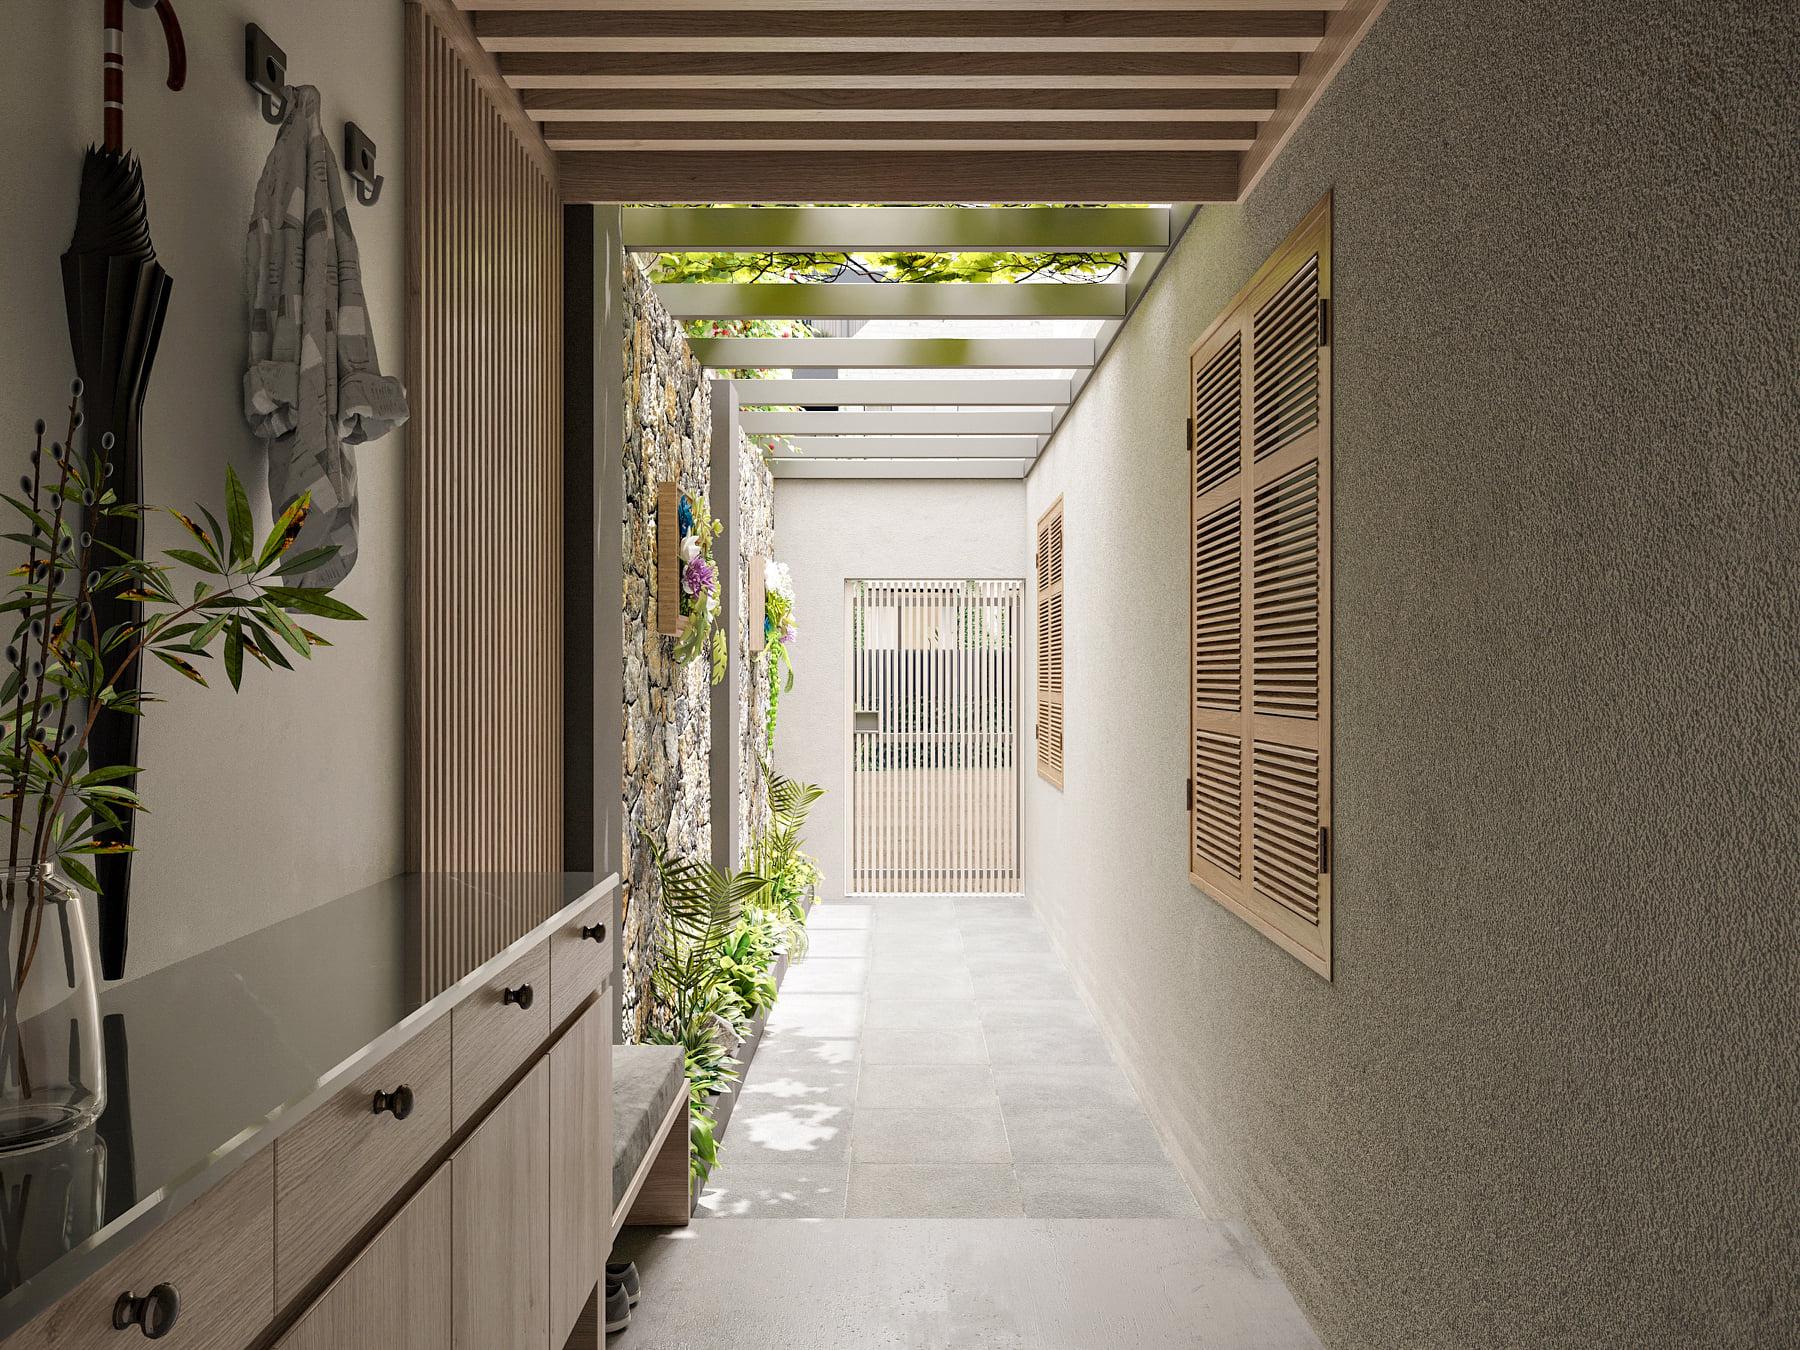 RANDOM SCENES – PRO SCENES 050 – SMALL HOUSE